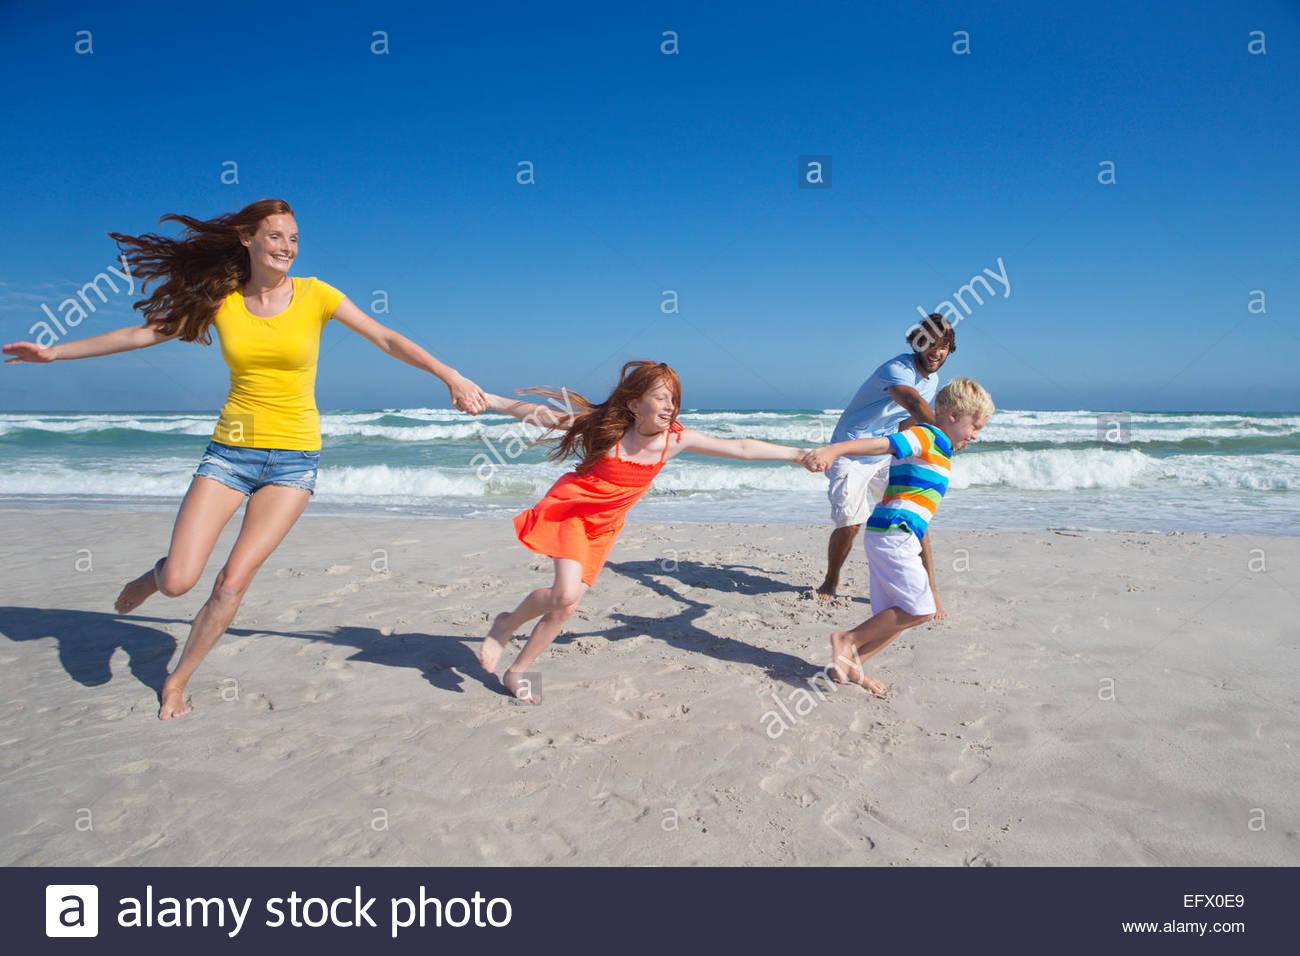 Glückliche Familie Hand in Hand, laufen und ziehen einander entlang Sonnenstrand Stockbild